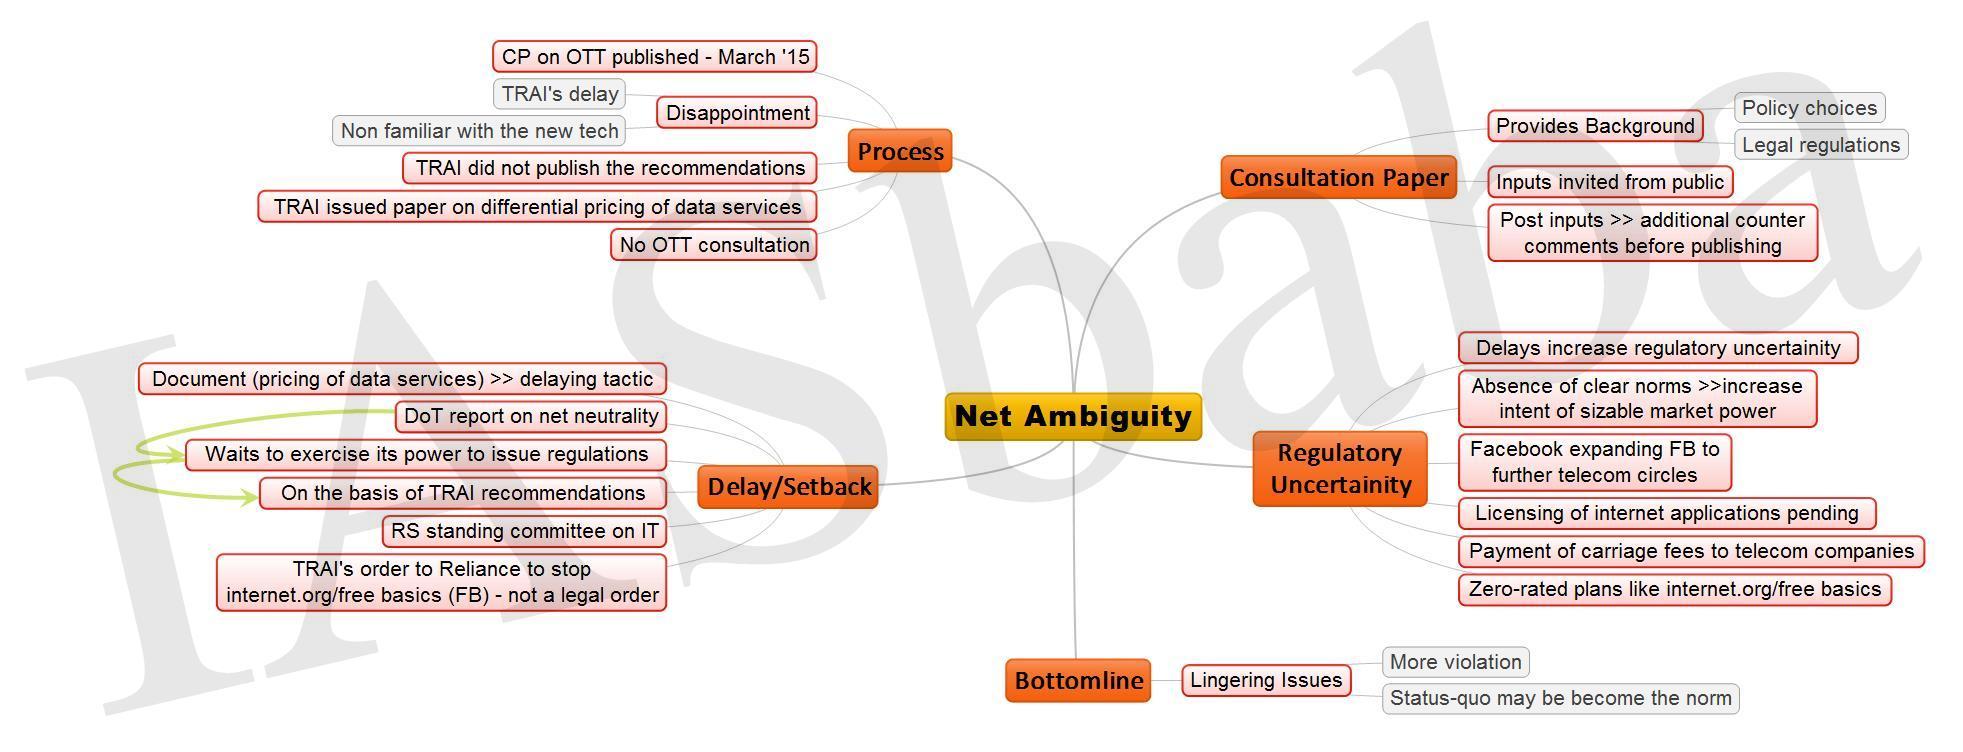 Net Ambiguity JPEG